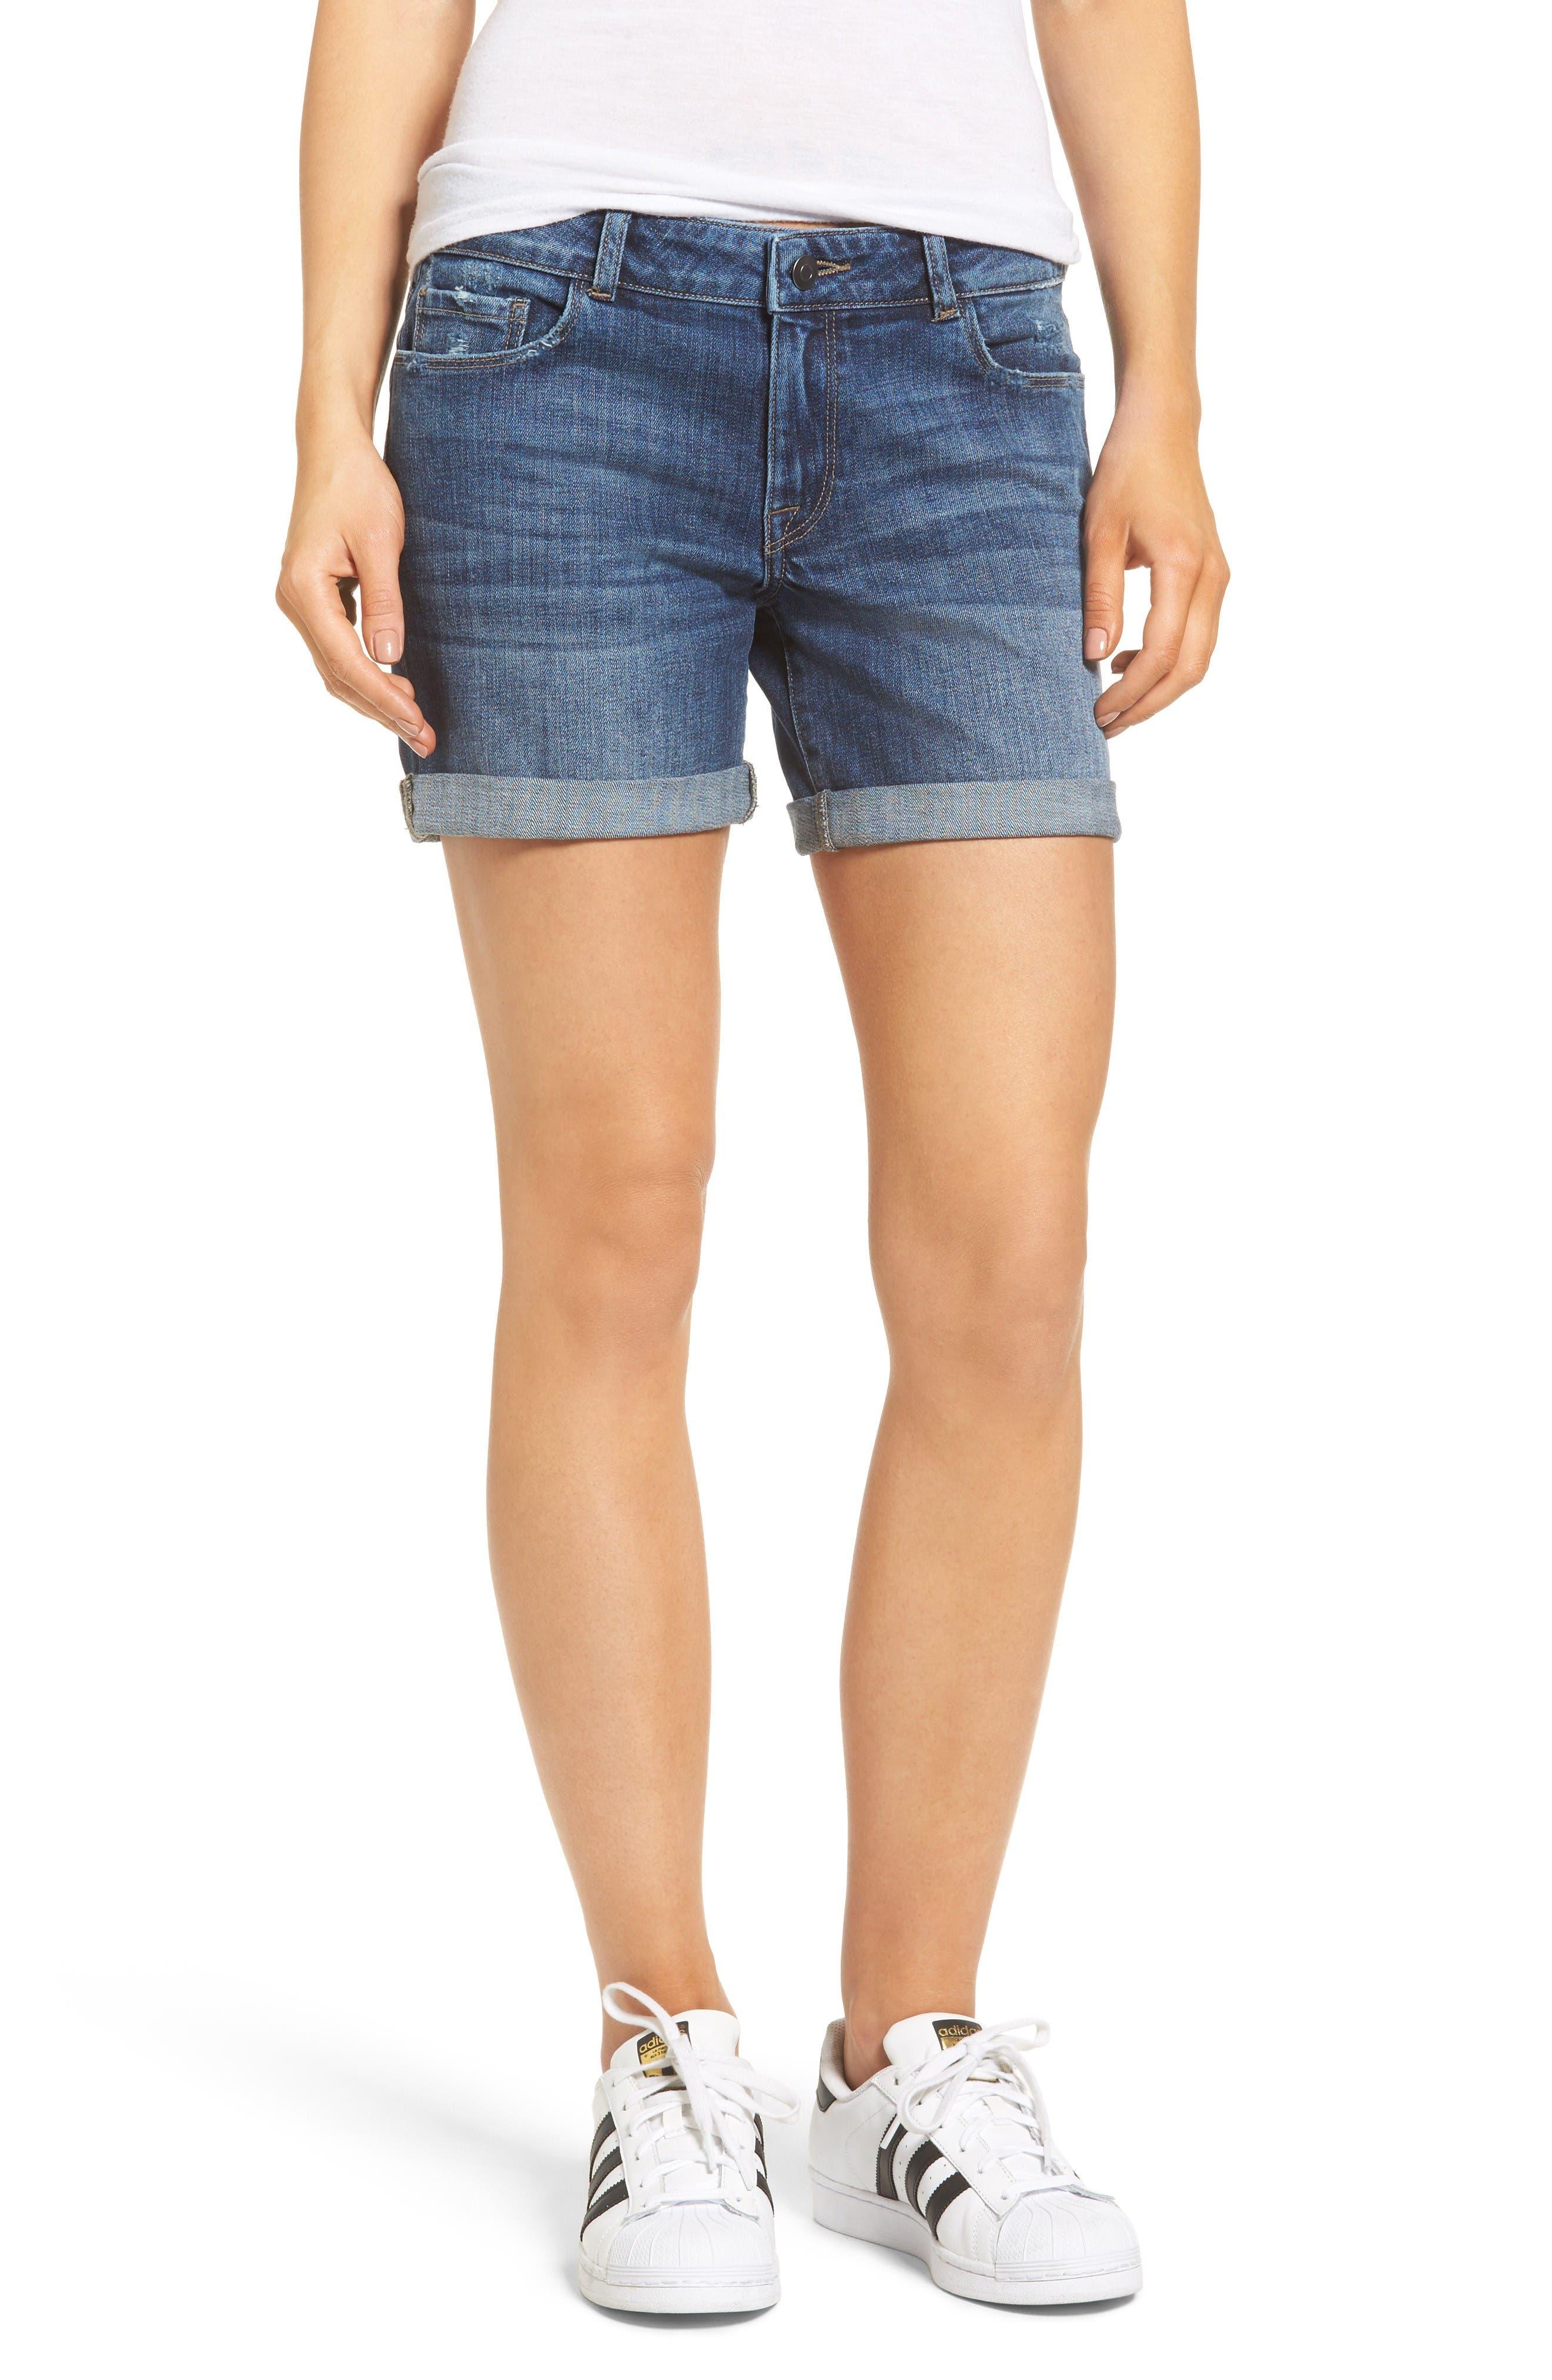 DL1961 Karlie Denim Boyfriend Shorts